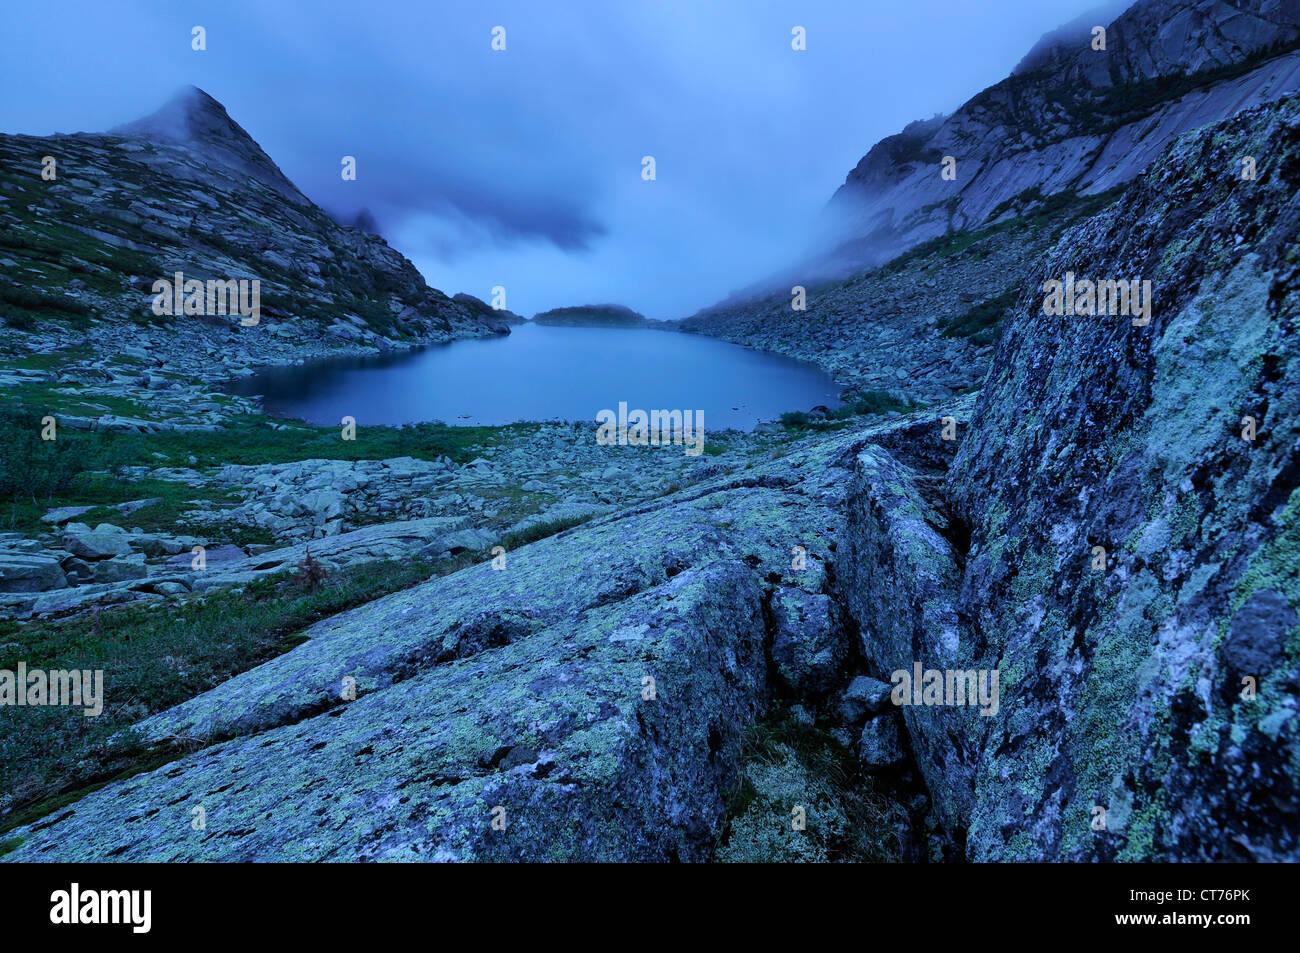 bad weather at gornykh dukhov lake at ergaki national park - Stock Image